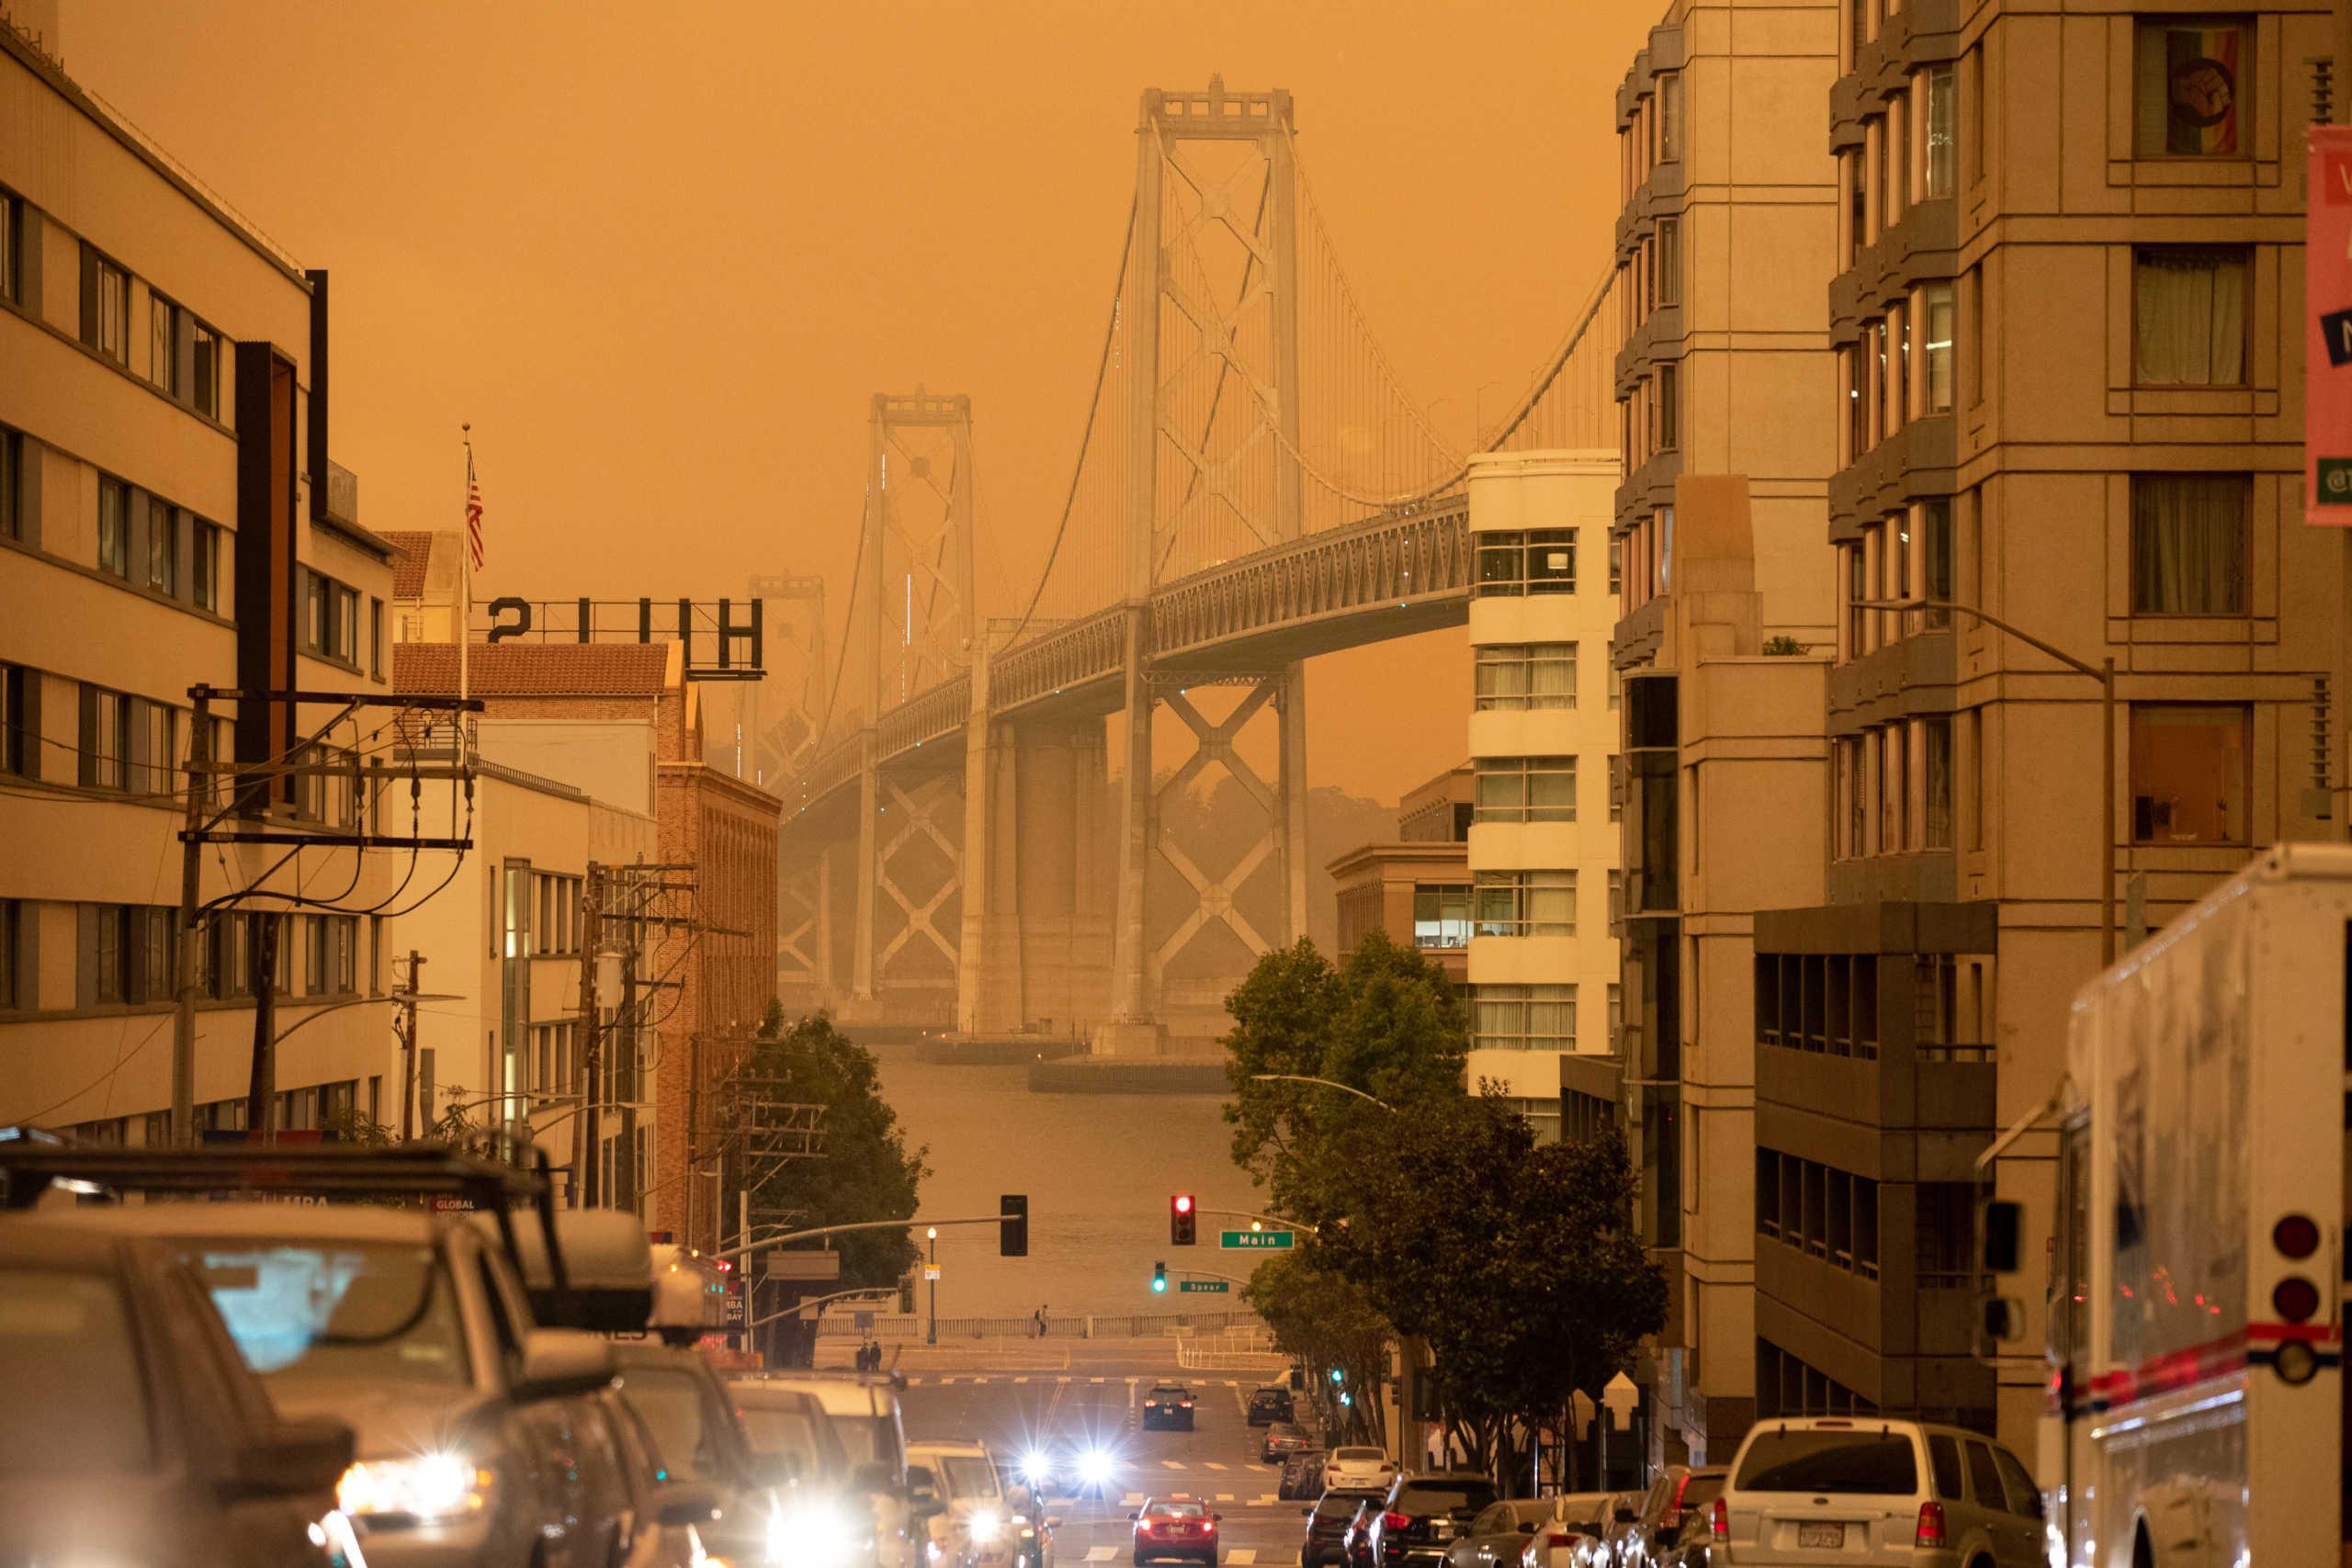 Θρήνος στην Καλιφόρνια: Άλλοι 3 νεκροί από τις πυρκαγιές – Φόβοι για πολλά θύματα στο Όρεγκον